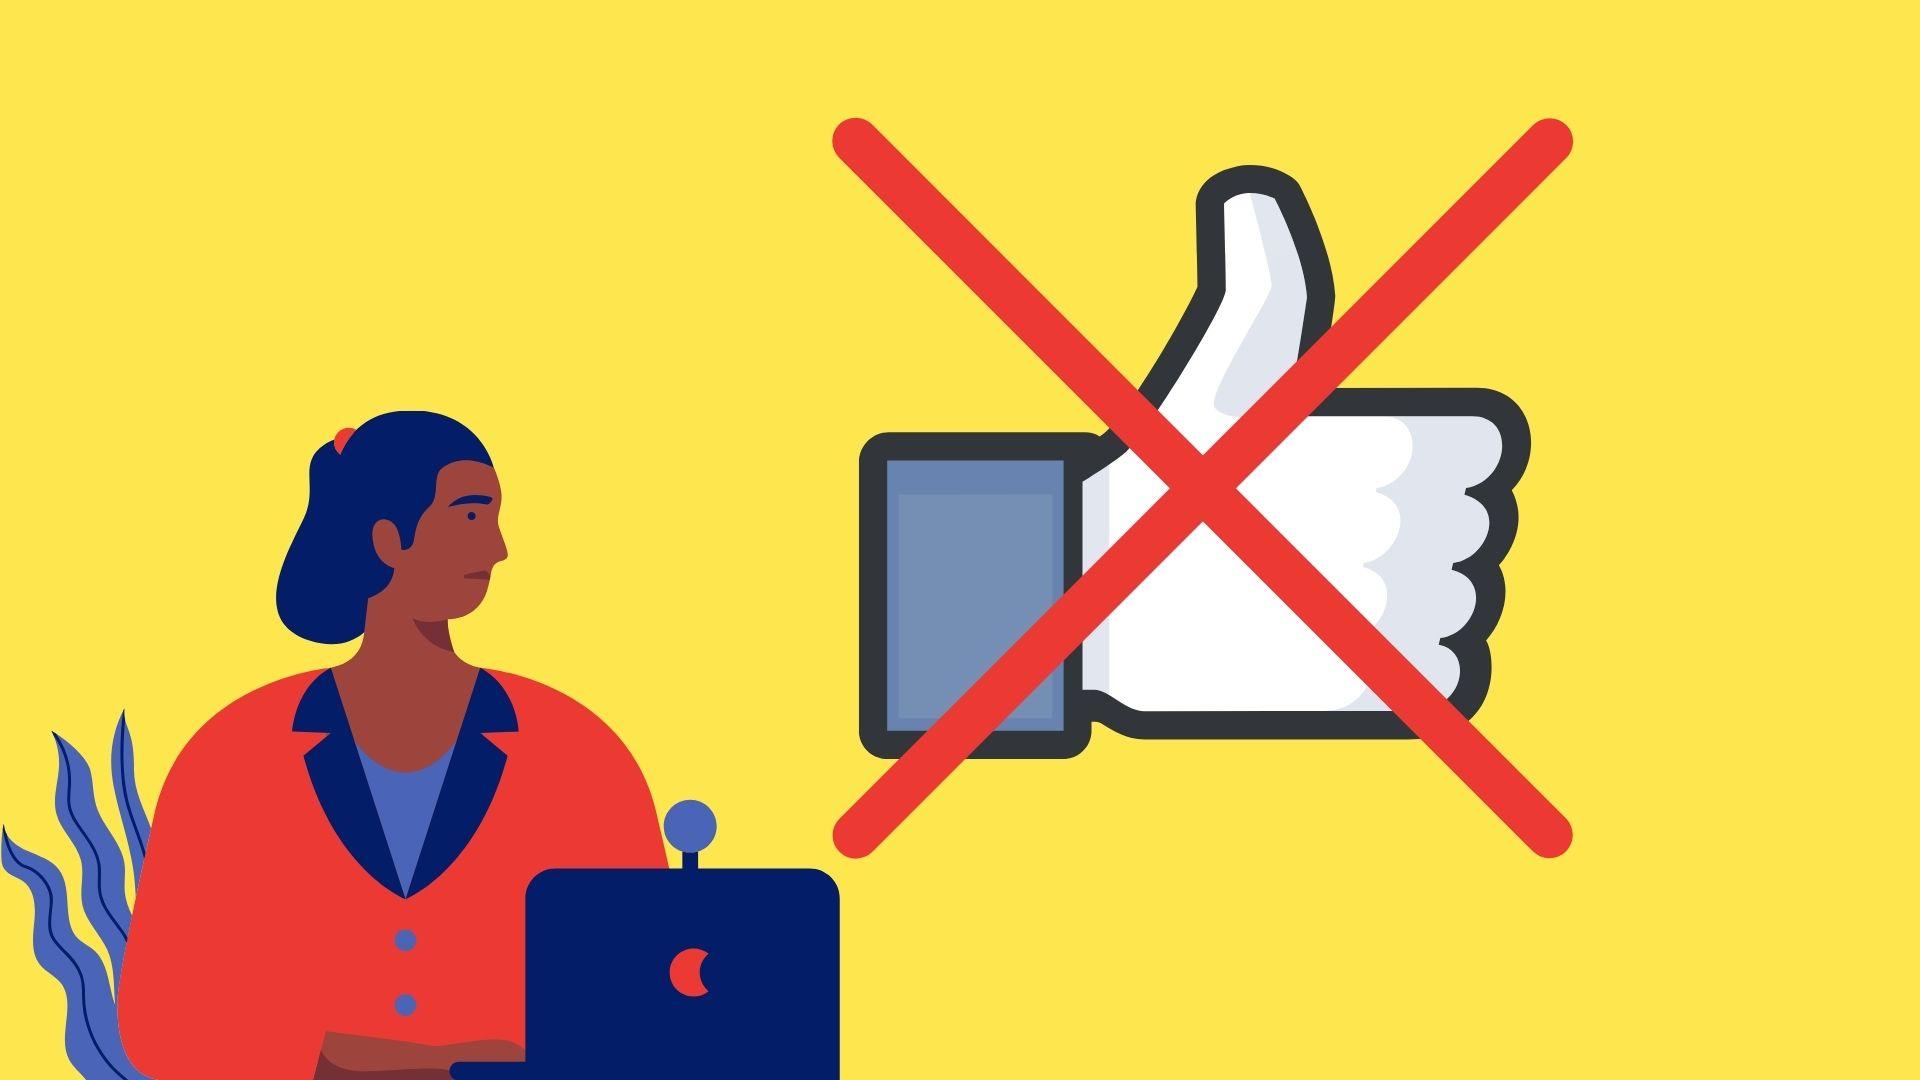 ilustracja przedstawiająca zmiany nowego interfaceu facebooka